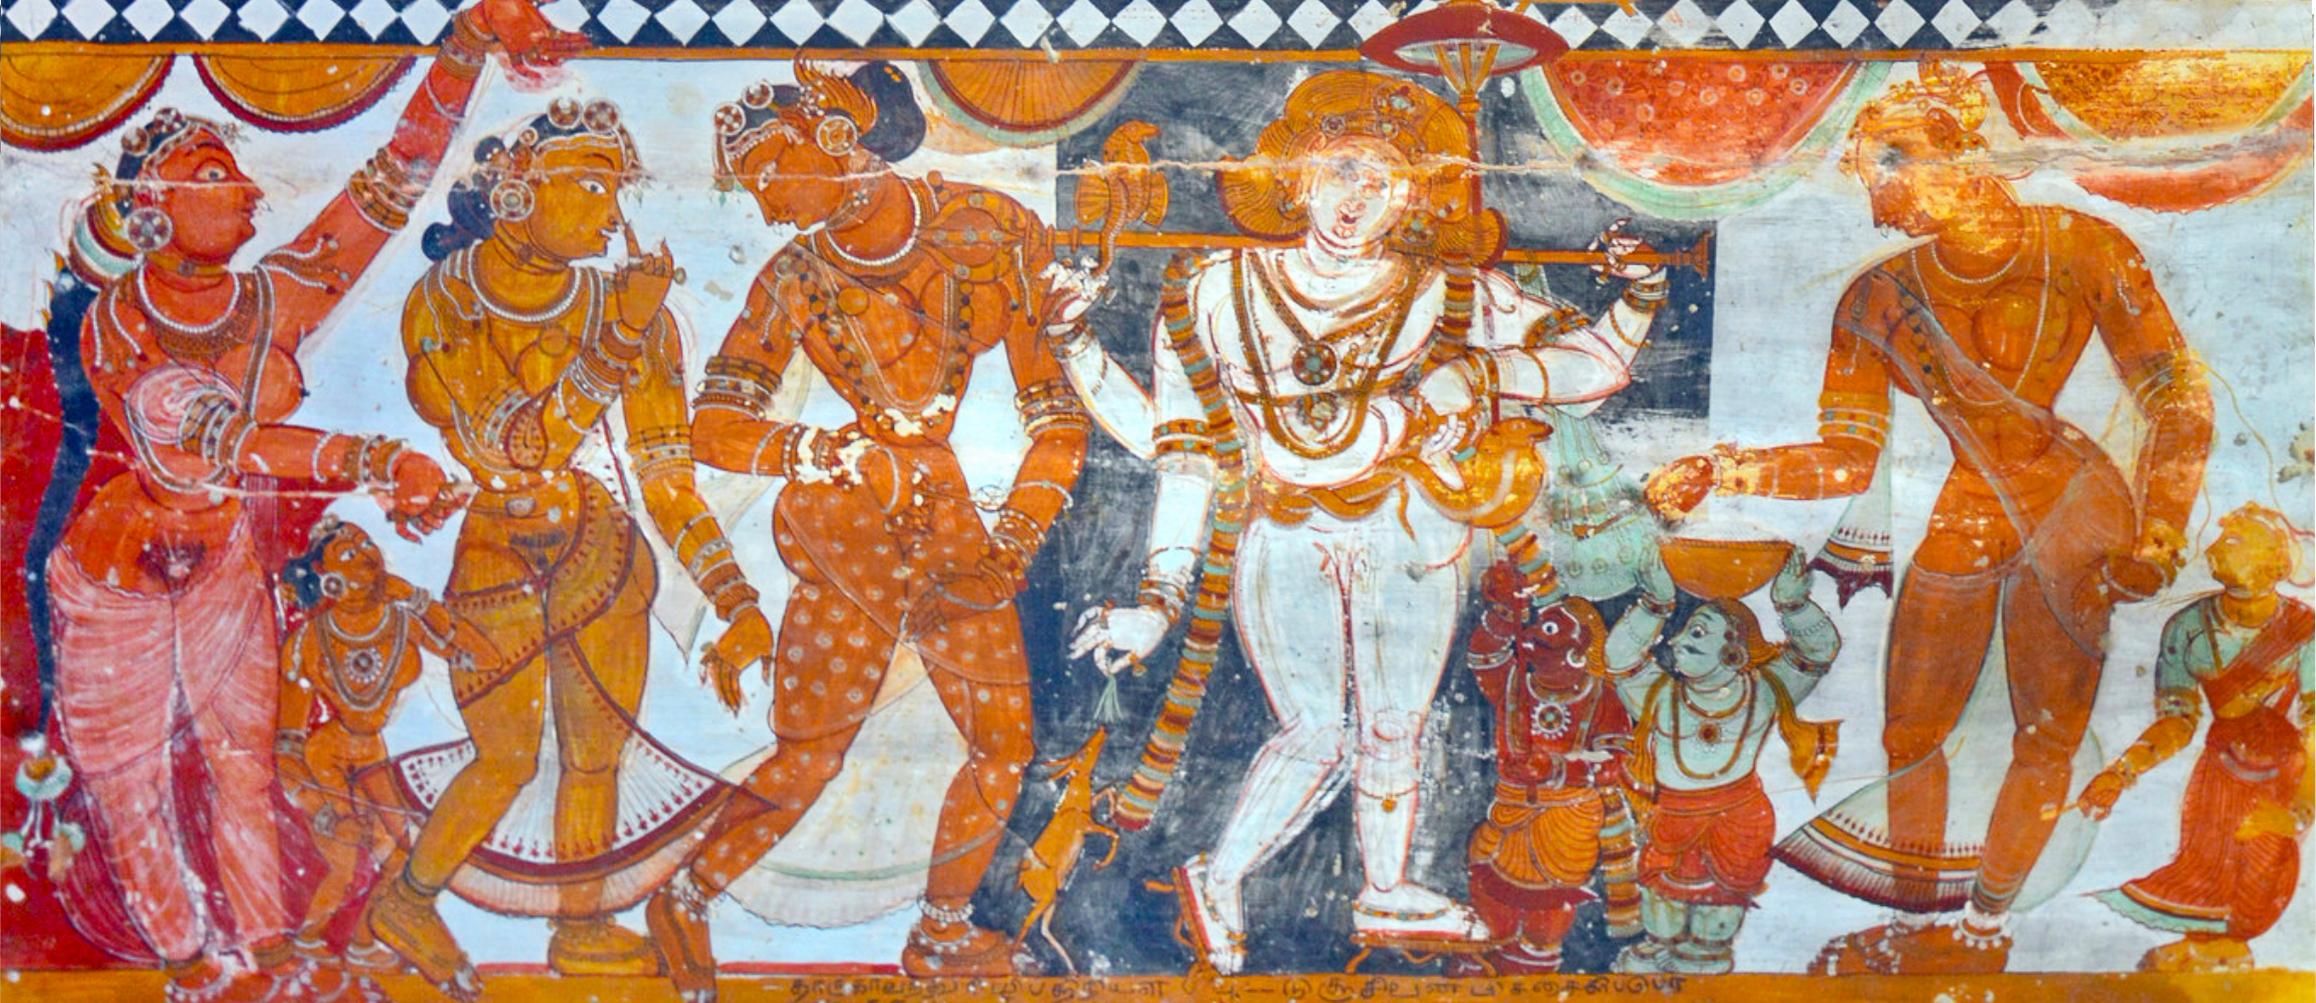 detail of a ceiling mural at Shivakamasundari temple in Chidamnaram